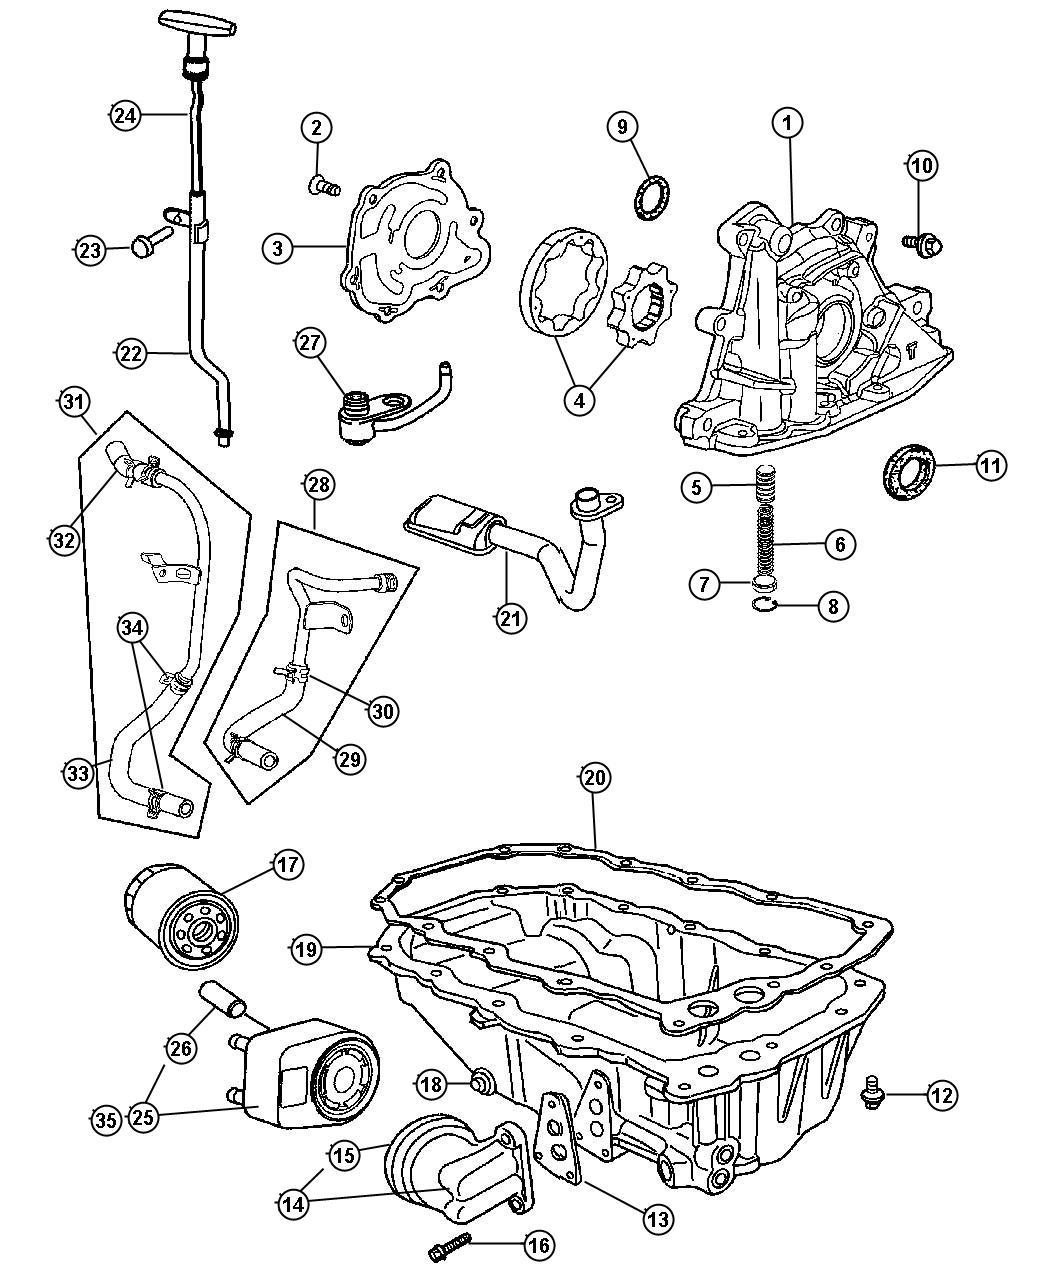 2005 Chrysler PT Cruiser Cooler. Engine oil. Turbo, dohc ...